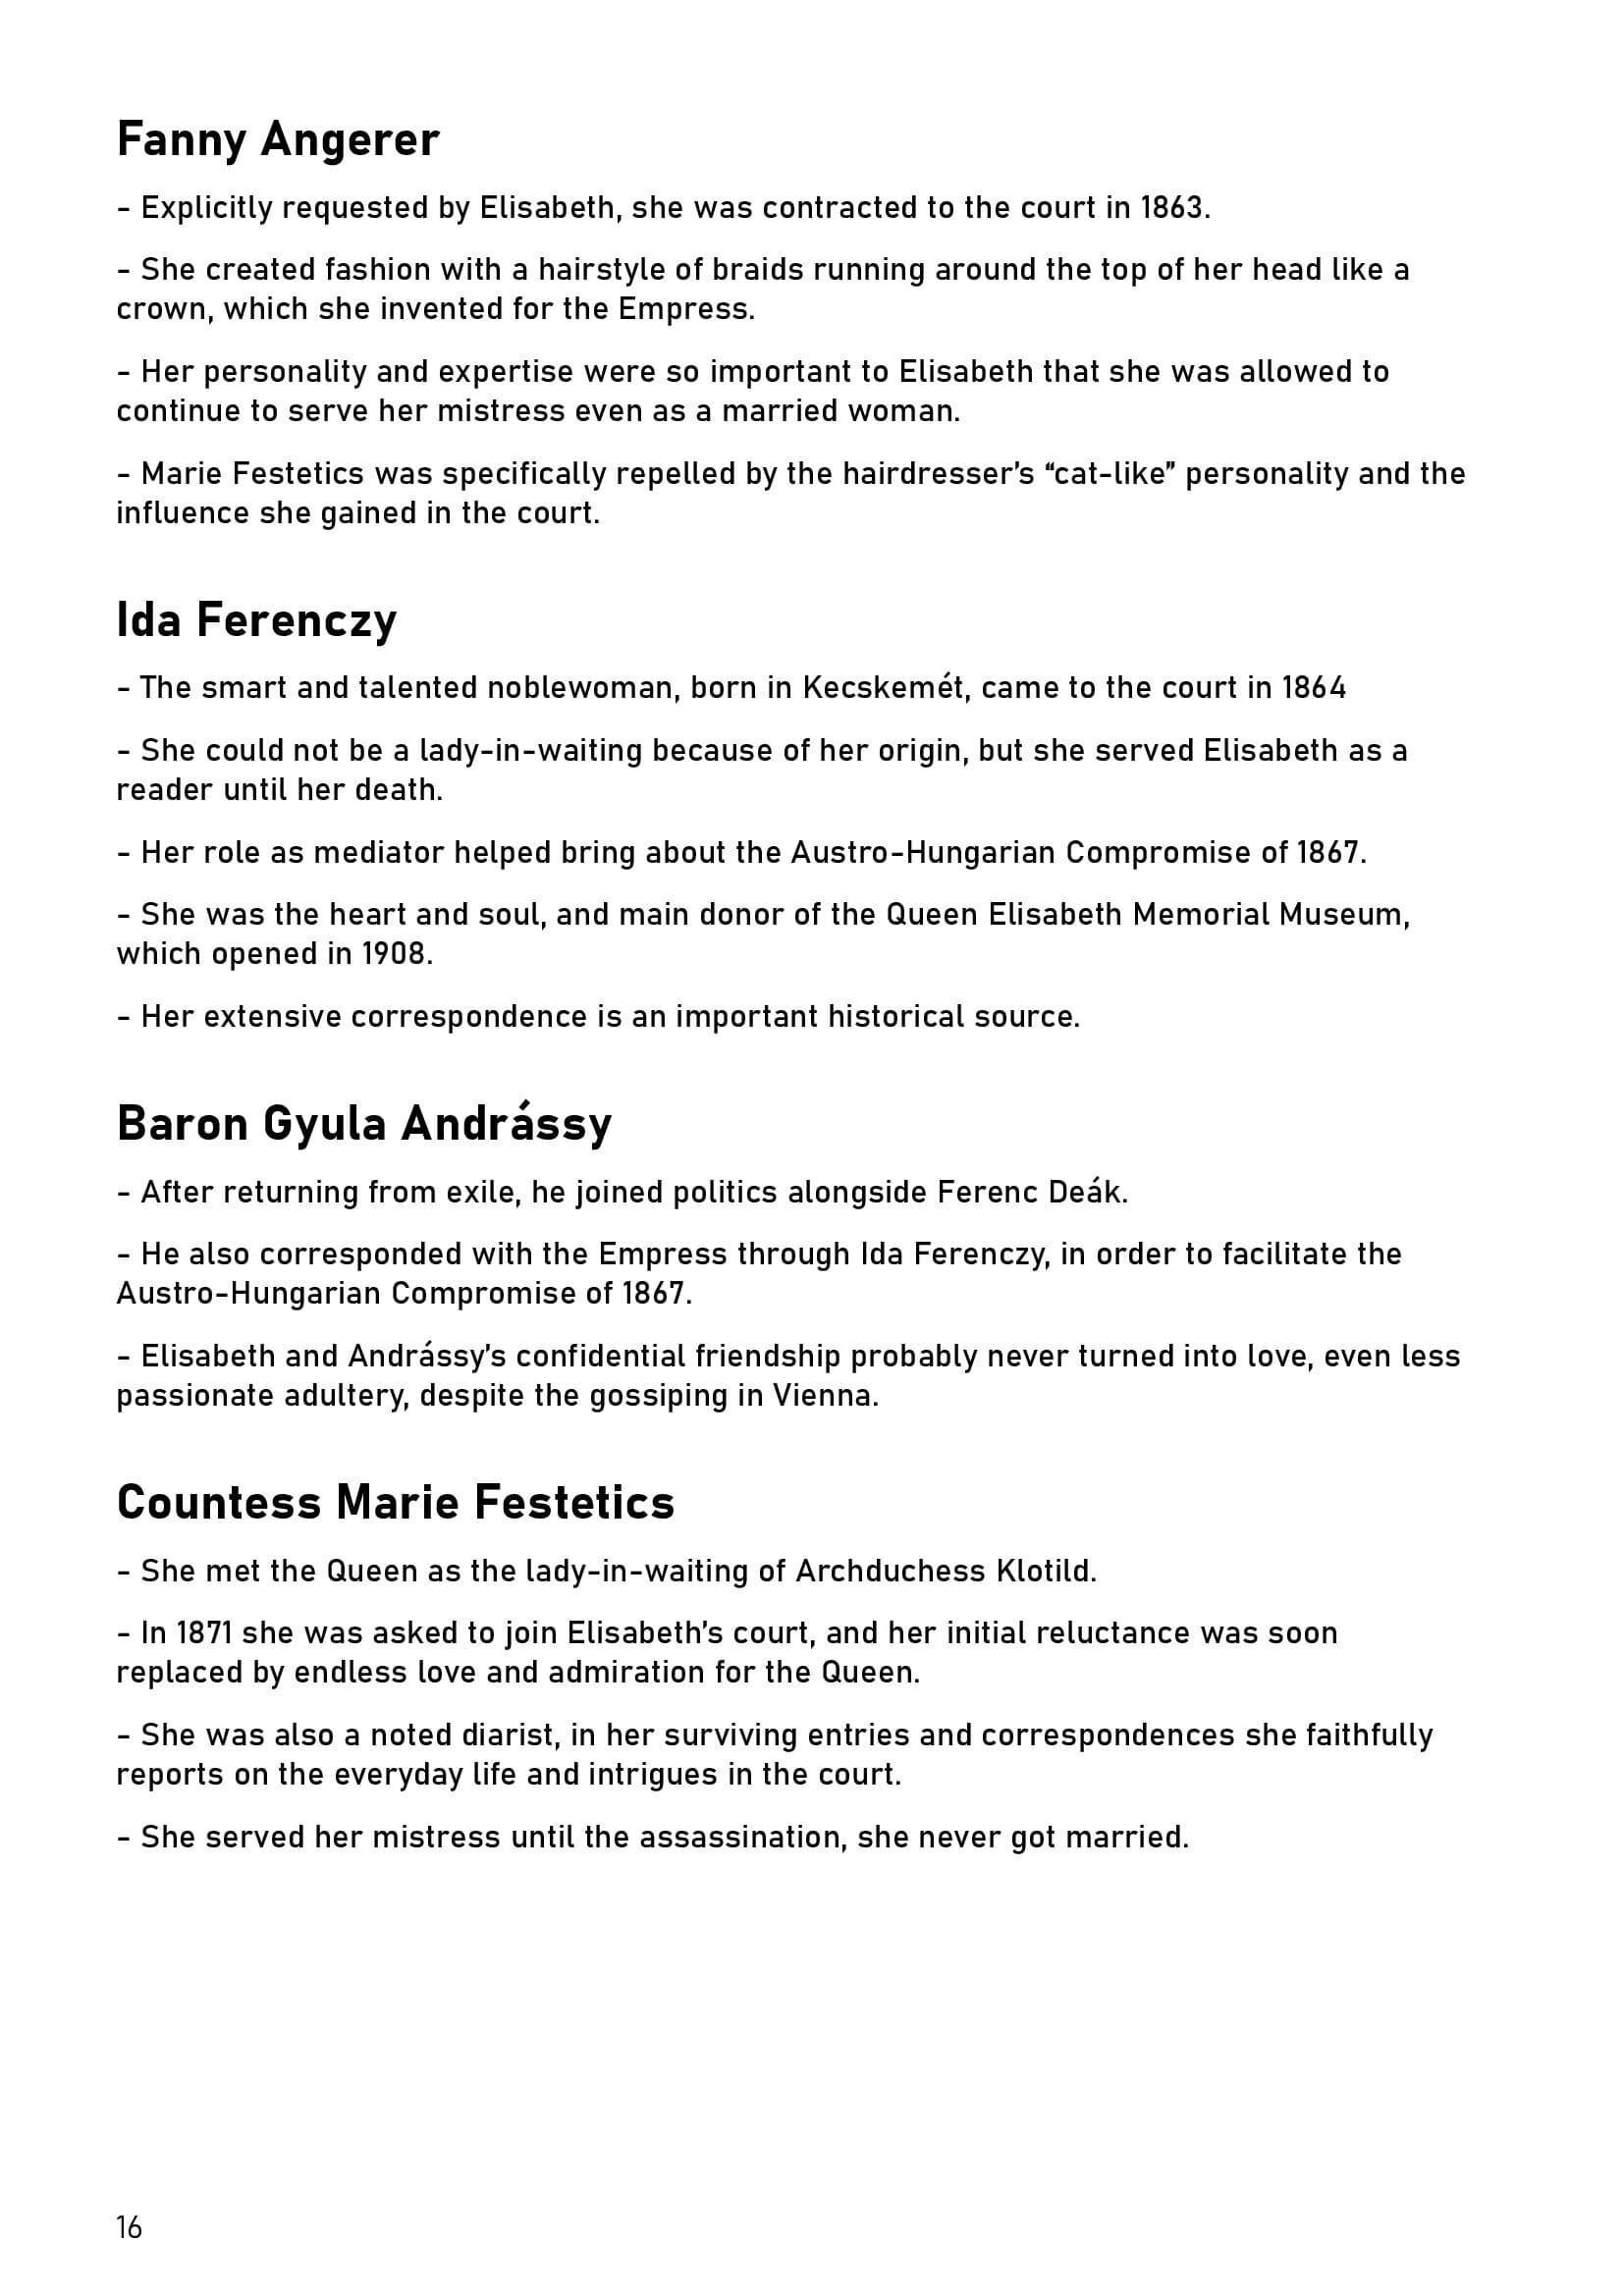 Sisi English guide_00016